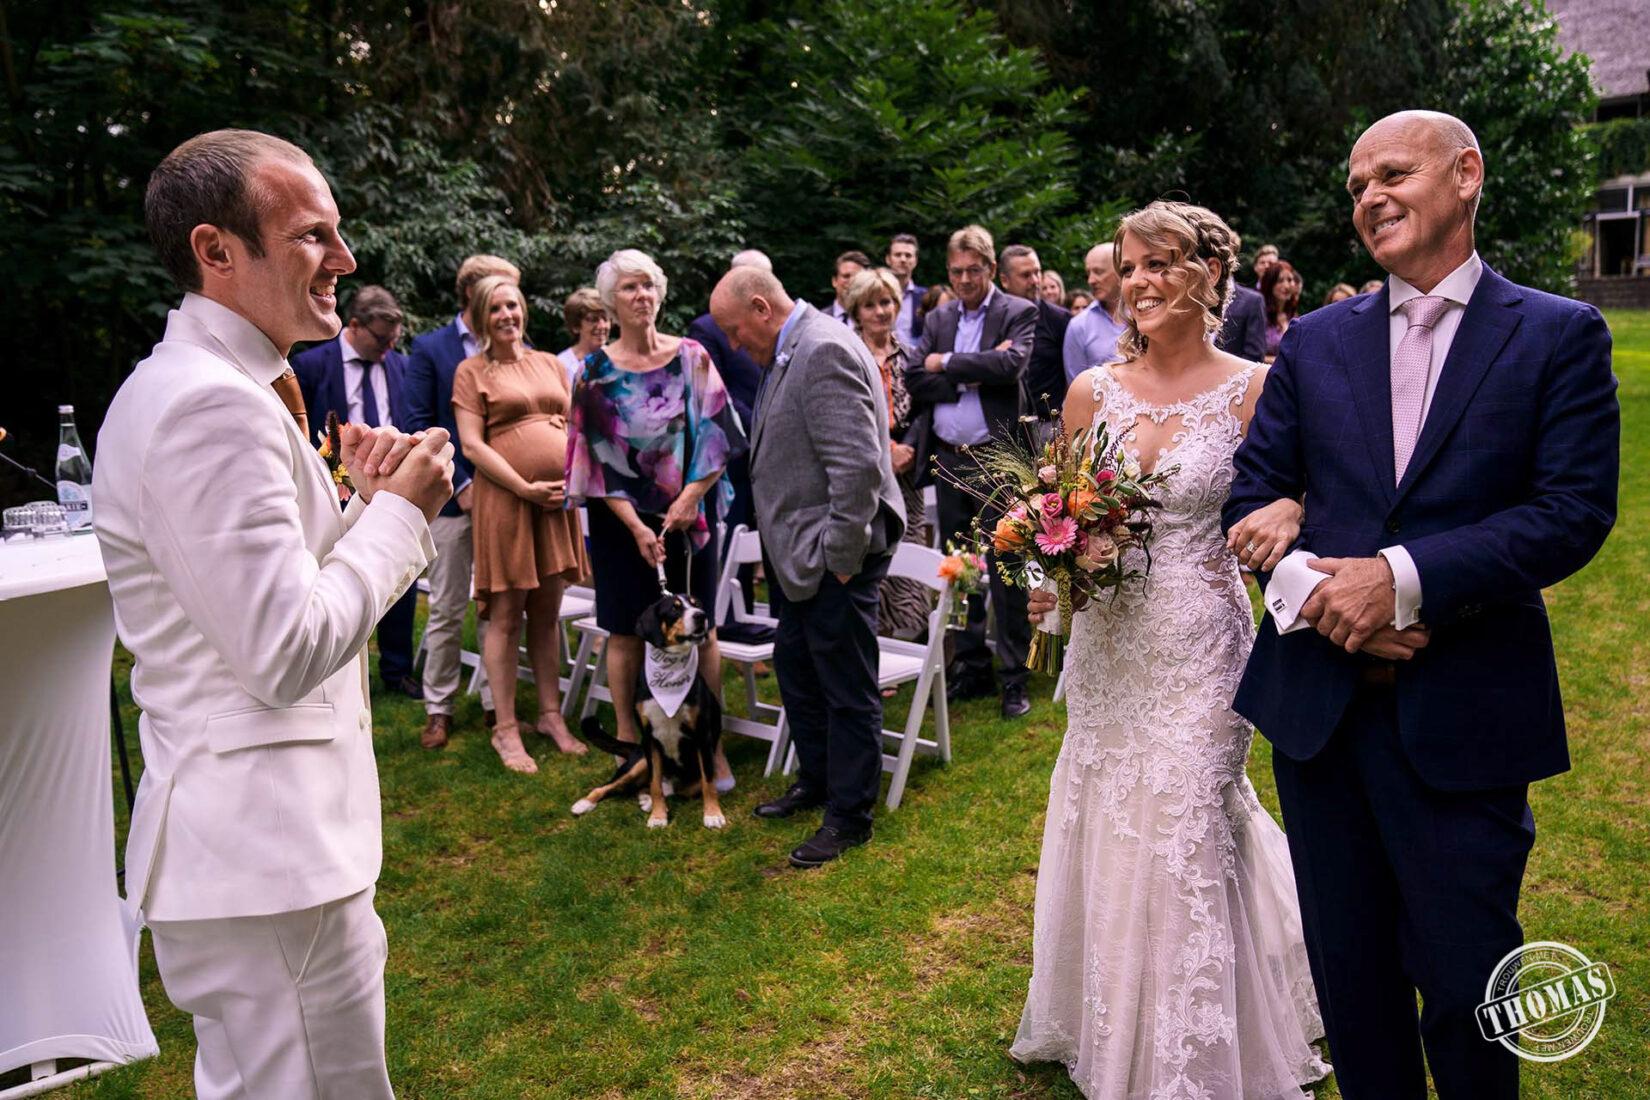 De bruid wordt weggegeven door haar vader.